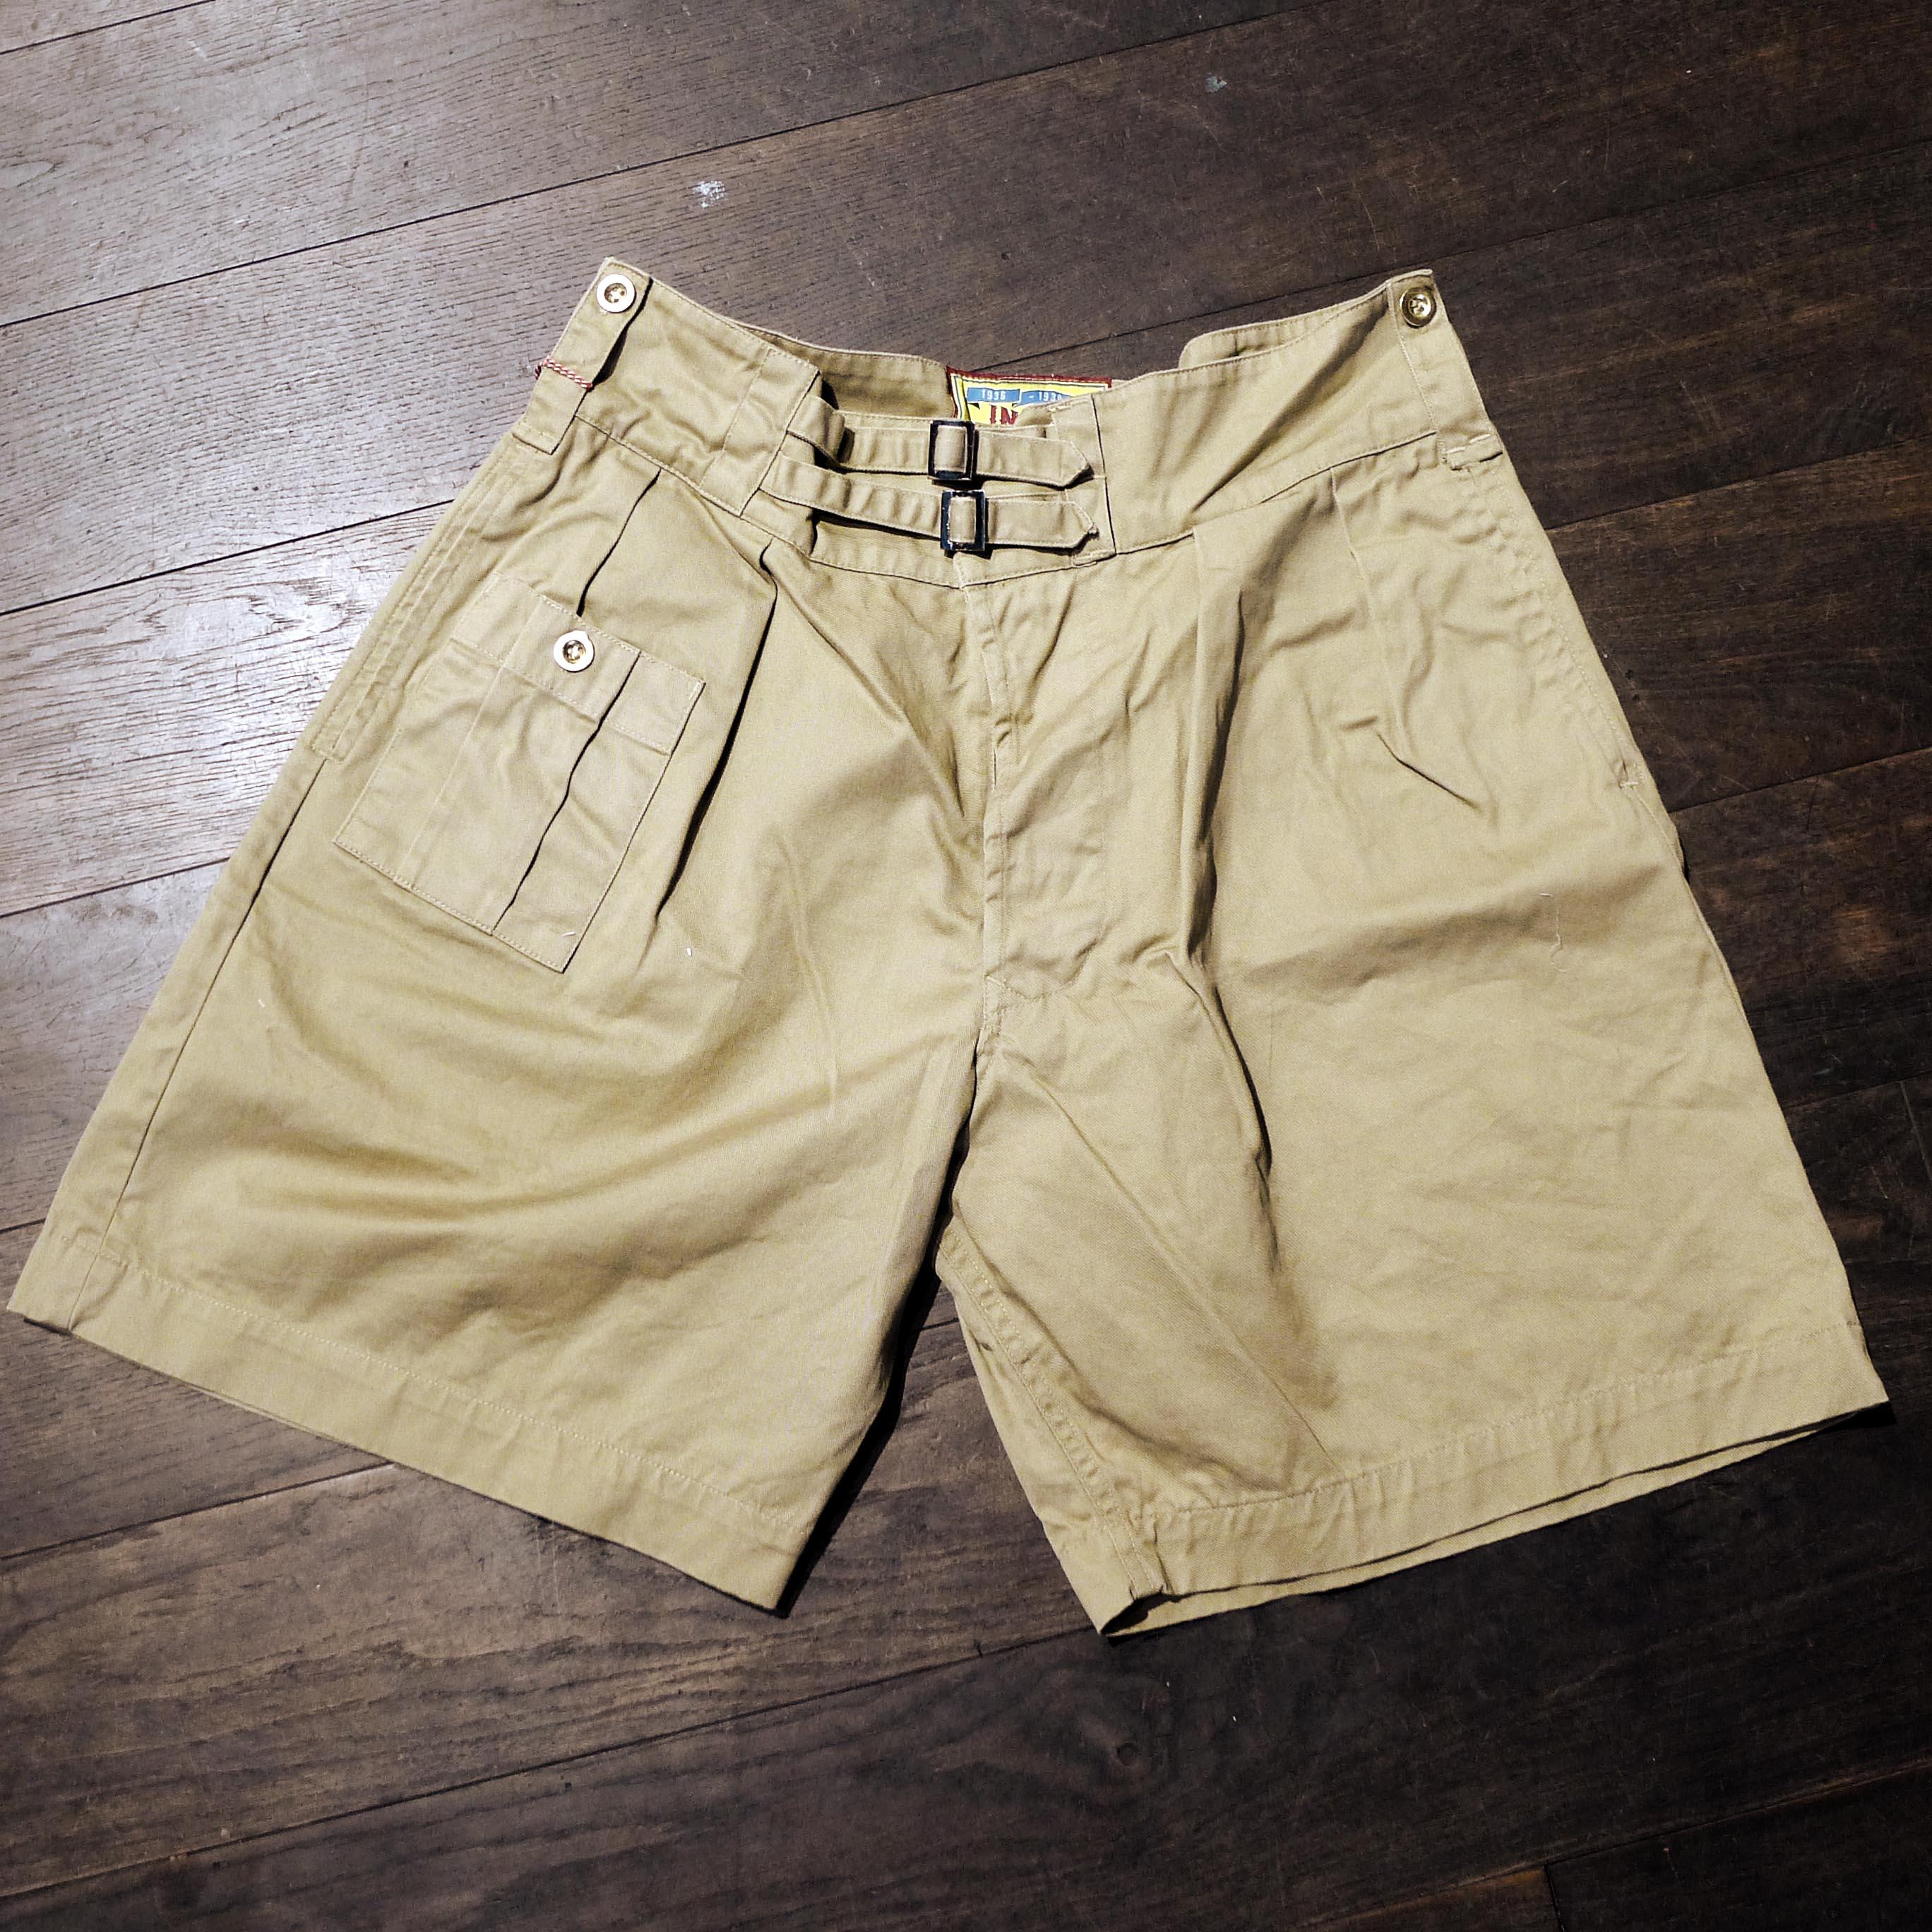 gurkha_shorts_01